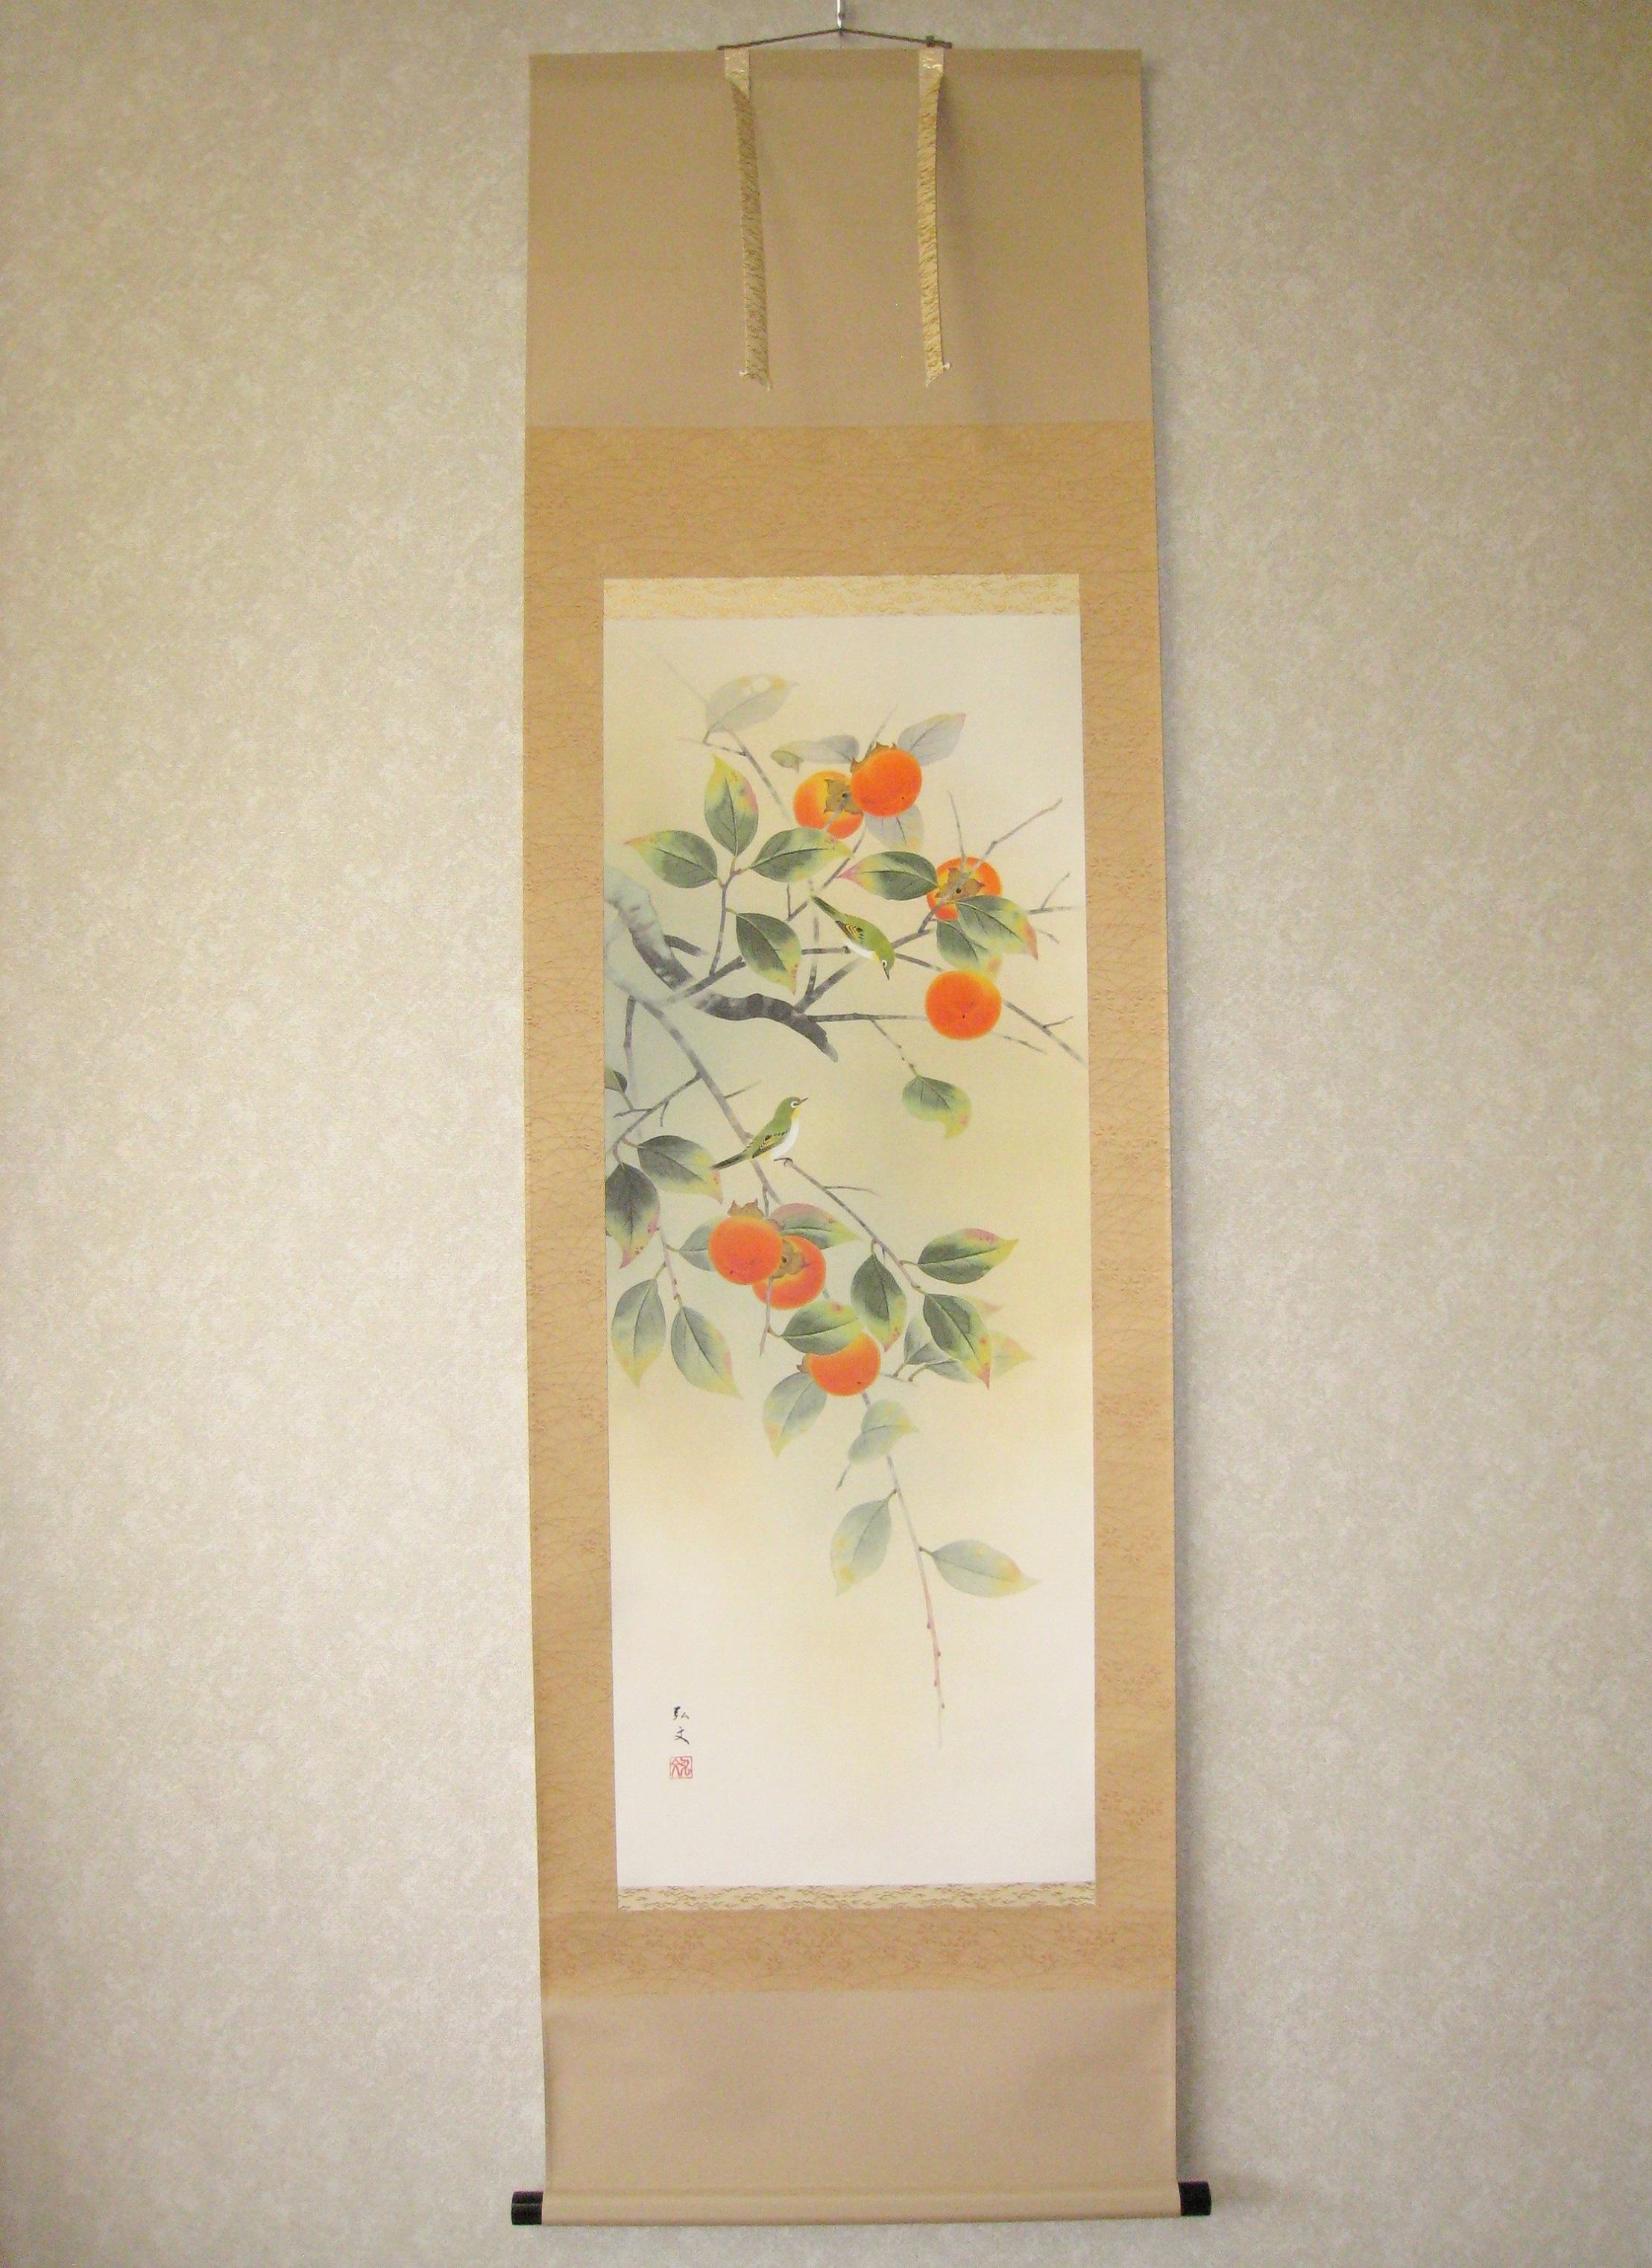 掛け軸 柿に小禽◆穂積弘文